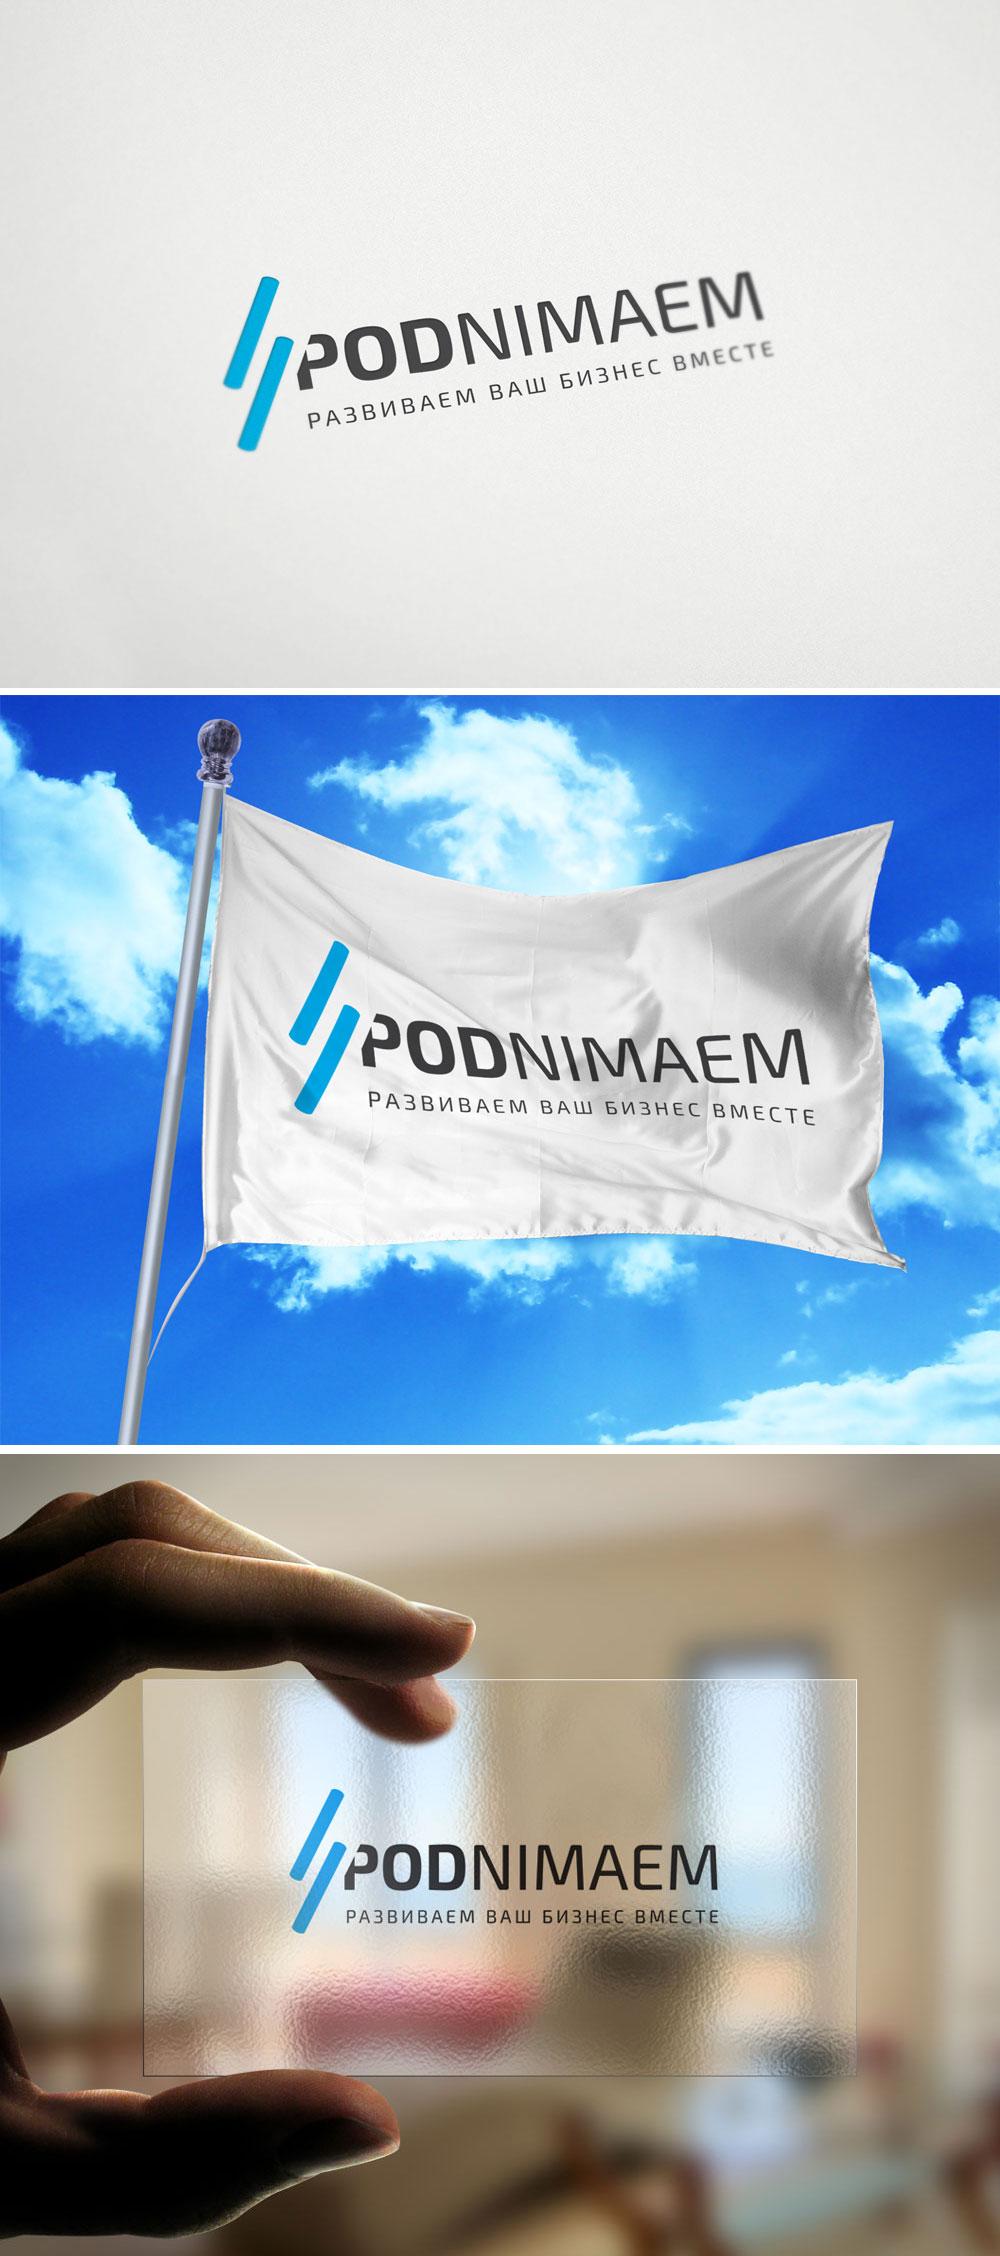 Разработать логотип + визитку + логотип для печати ООО +++ фото f_615554c8adc31020.jpg